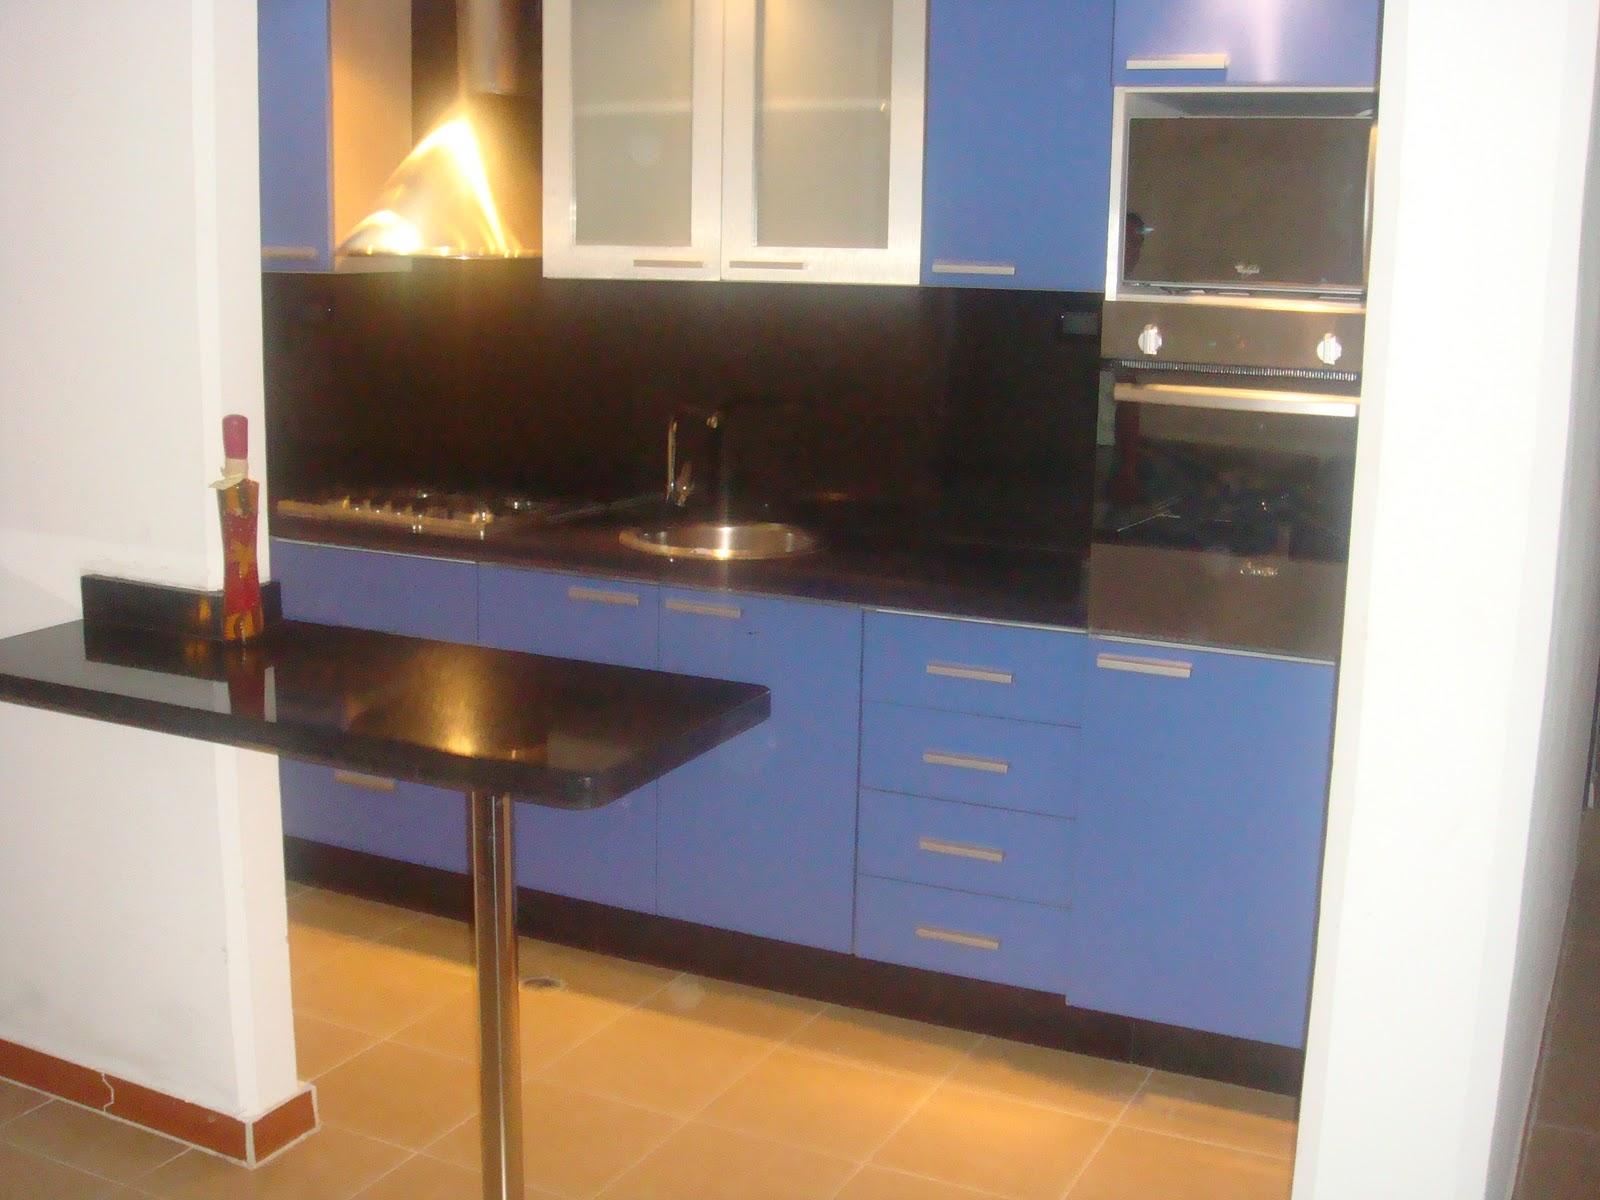 Inversiones gramiel m j c a cocina color azul con for Cocinas de granito negro